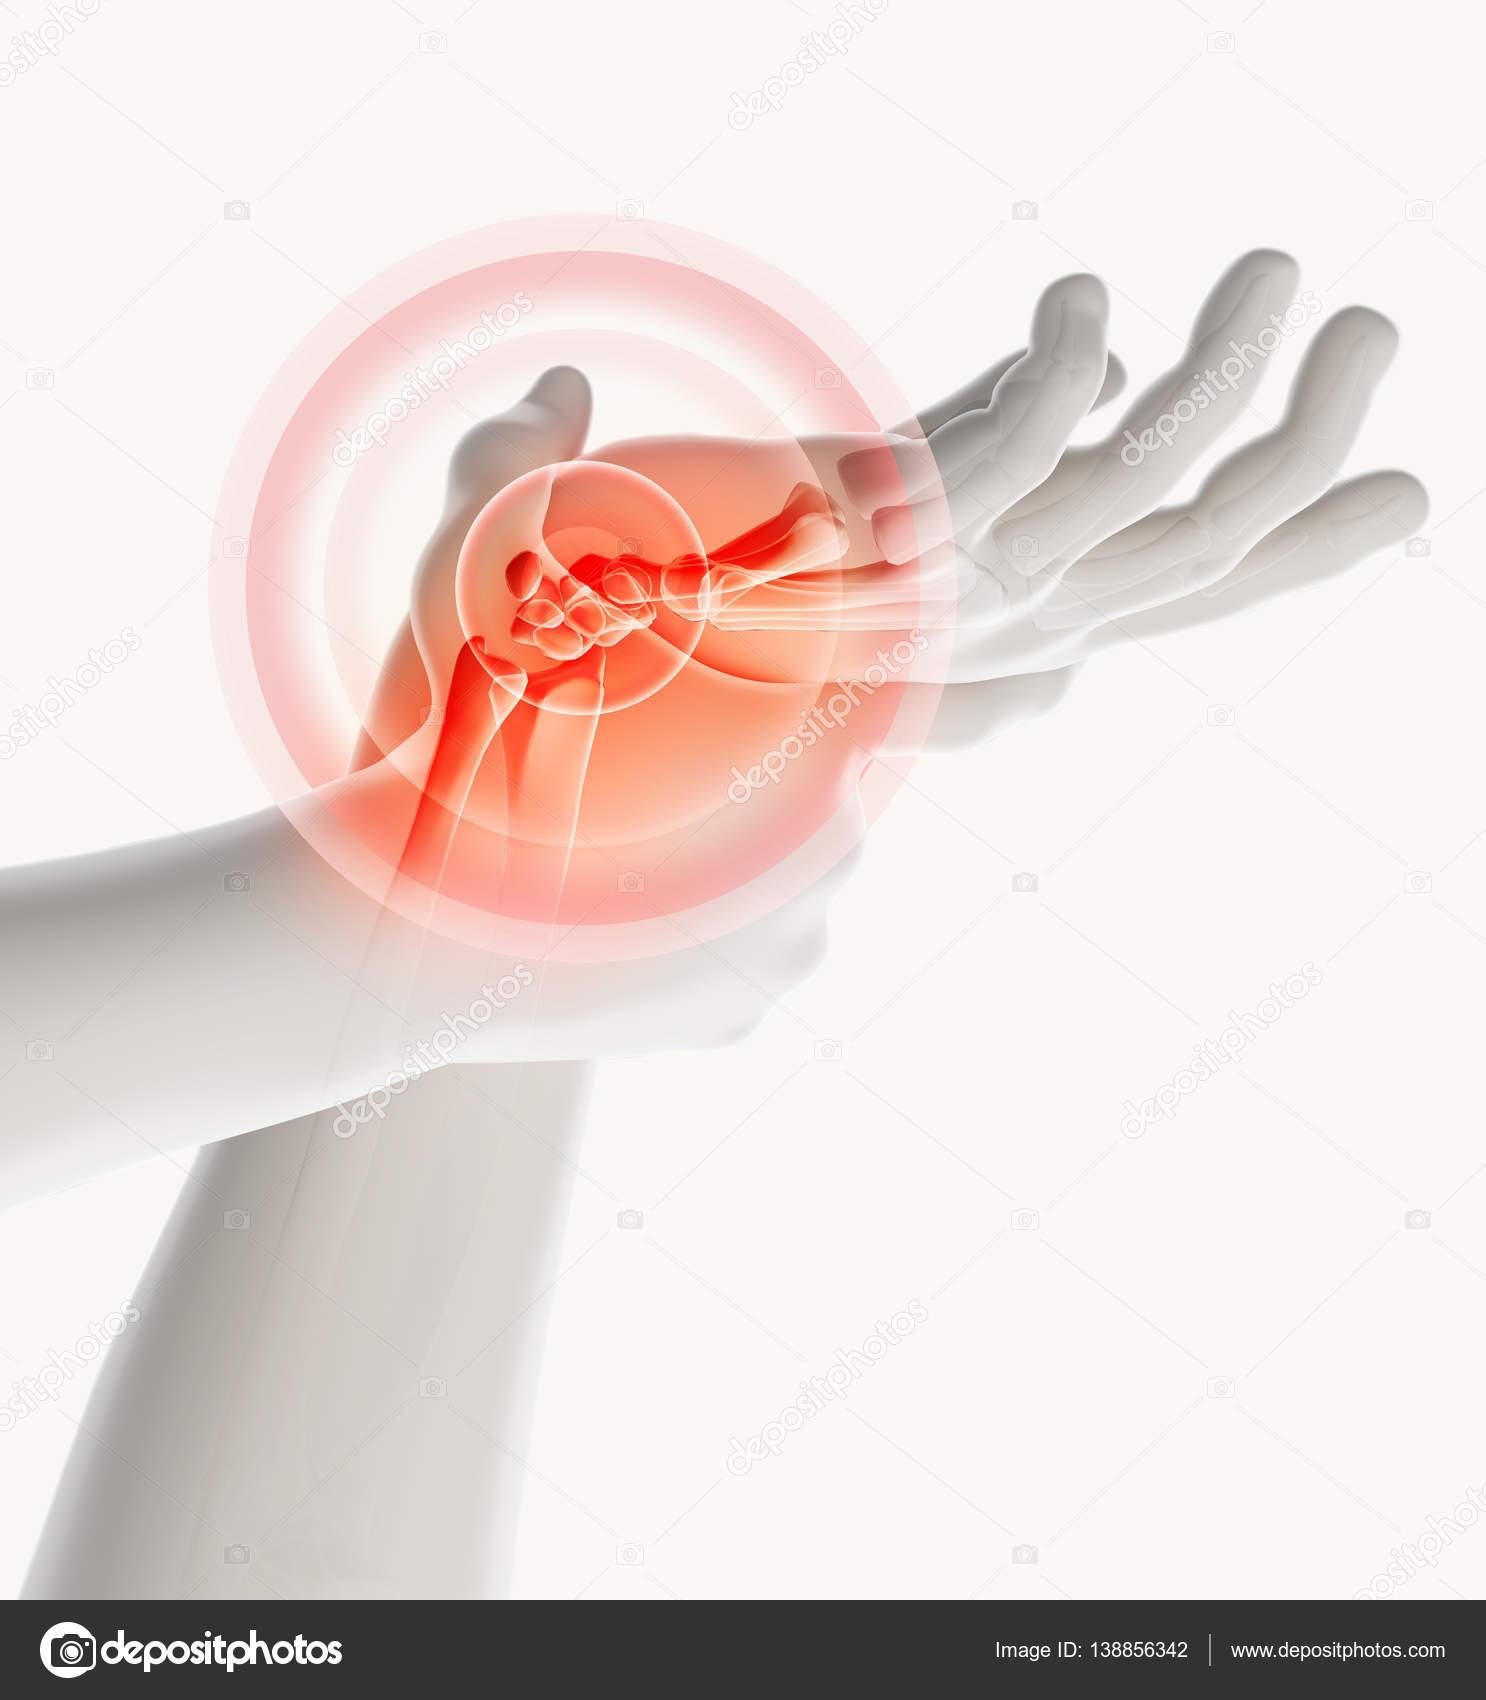 Handgelenk schmerzhaft - Skelett Röntgen — Stockfoto © yodiyim ...